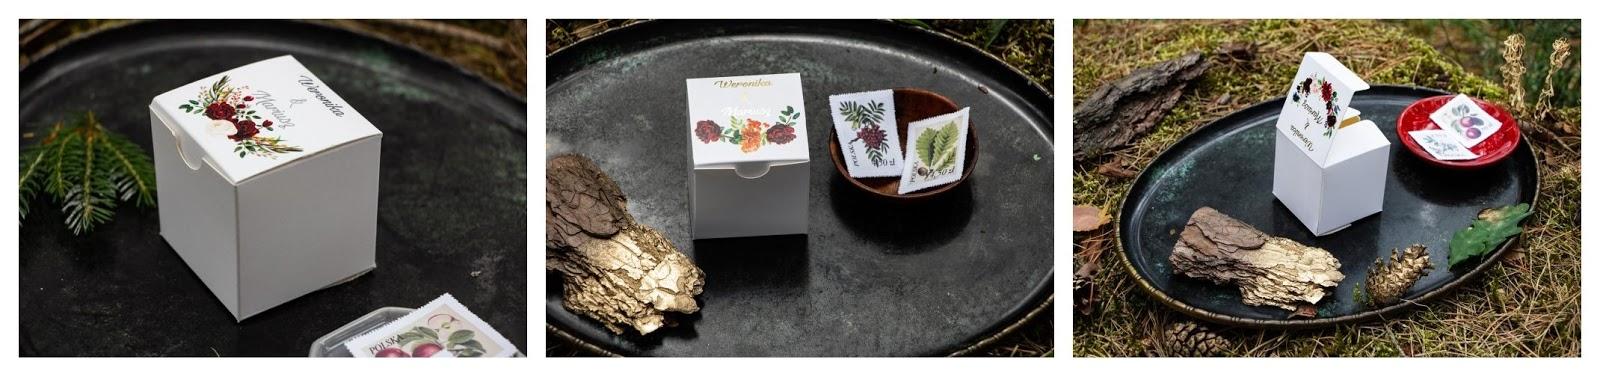 niebanalne prezenty dla gości weselnych upominki jakie prezenty dla gości pomysły nasionka herbata słoiczki miód pudełeczka na prezenty cukierki czekoladki wiatraczki świeczki blog